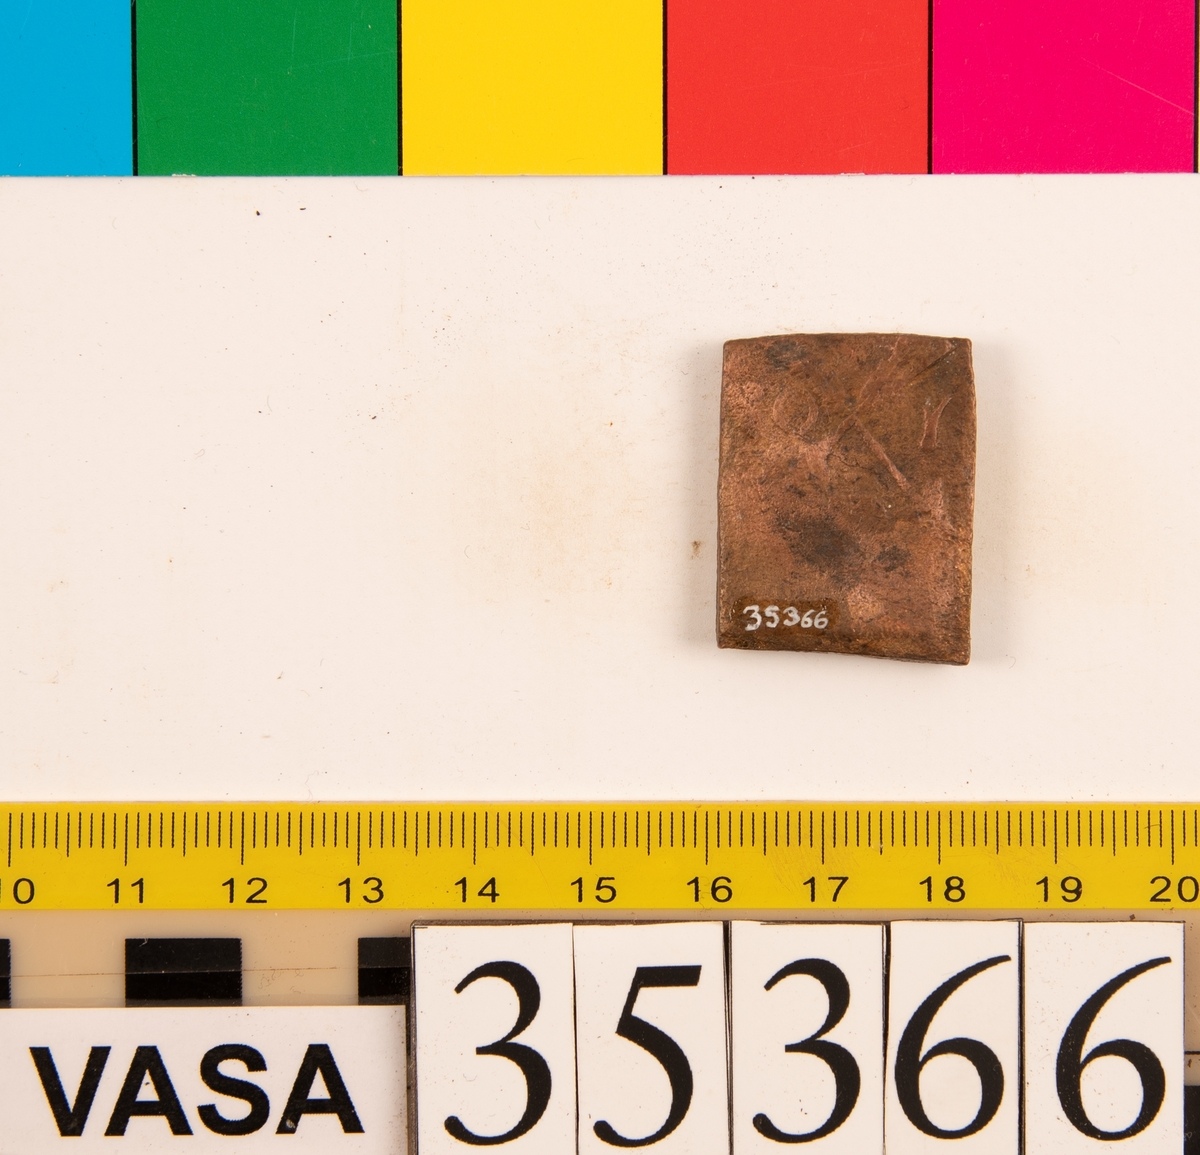 1 öre Fyrkantigt mynt. Åtsidan: tre kronor placerade i V-form, delvis synliga. Versalerna G A R delvis synliga och placerade i upp och nedvänd V-form med G till vänster, A ovanför och R till höger om kronorna. Det fyrsiffriga präglingsåret - längst ner på myntet - är delvis oläsligt, 162 -? Ocentrerad prägling. Frånsidan: två korsade pilar under en krona. Till vänster om pilarna siffran 1. Ocentrerad prägling. Ram delvis synlig. Nuvarande skick: bägge sidor slitna. Vikt: 23,0 gram.  Text in English: Square-shaped coin. Denomination: 1 öre. The obverse side has three crowns spaced in a V-shape, partly legible. The initials G A R, which appear in capital letters, are placed in a triangular formation, faintly legible, with G placed to the left, A above and R to the right of the crowns. The four digit year of coinage, is placed beneath the crowns and the initials. The date is only partly legible. The coin stamp is off-centre. The reverse side has two crossed arrows beneath a crown, partly legible. To the left of the arrows is the numeral 1. The coin stamp is off-centre. The frame is partly visible. Present condition: both sides are worn. Weight: 23,0 gram.